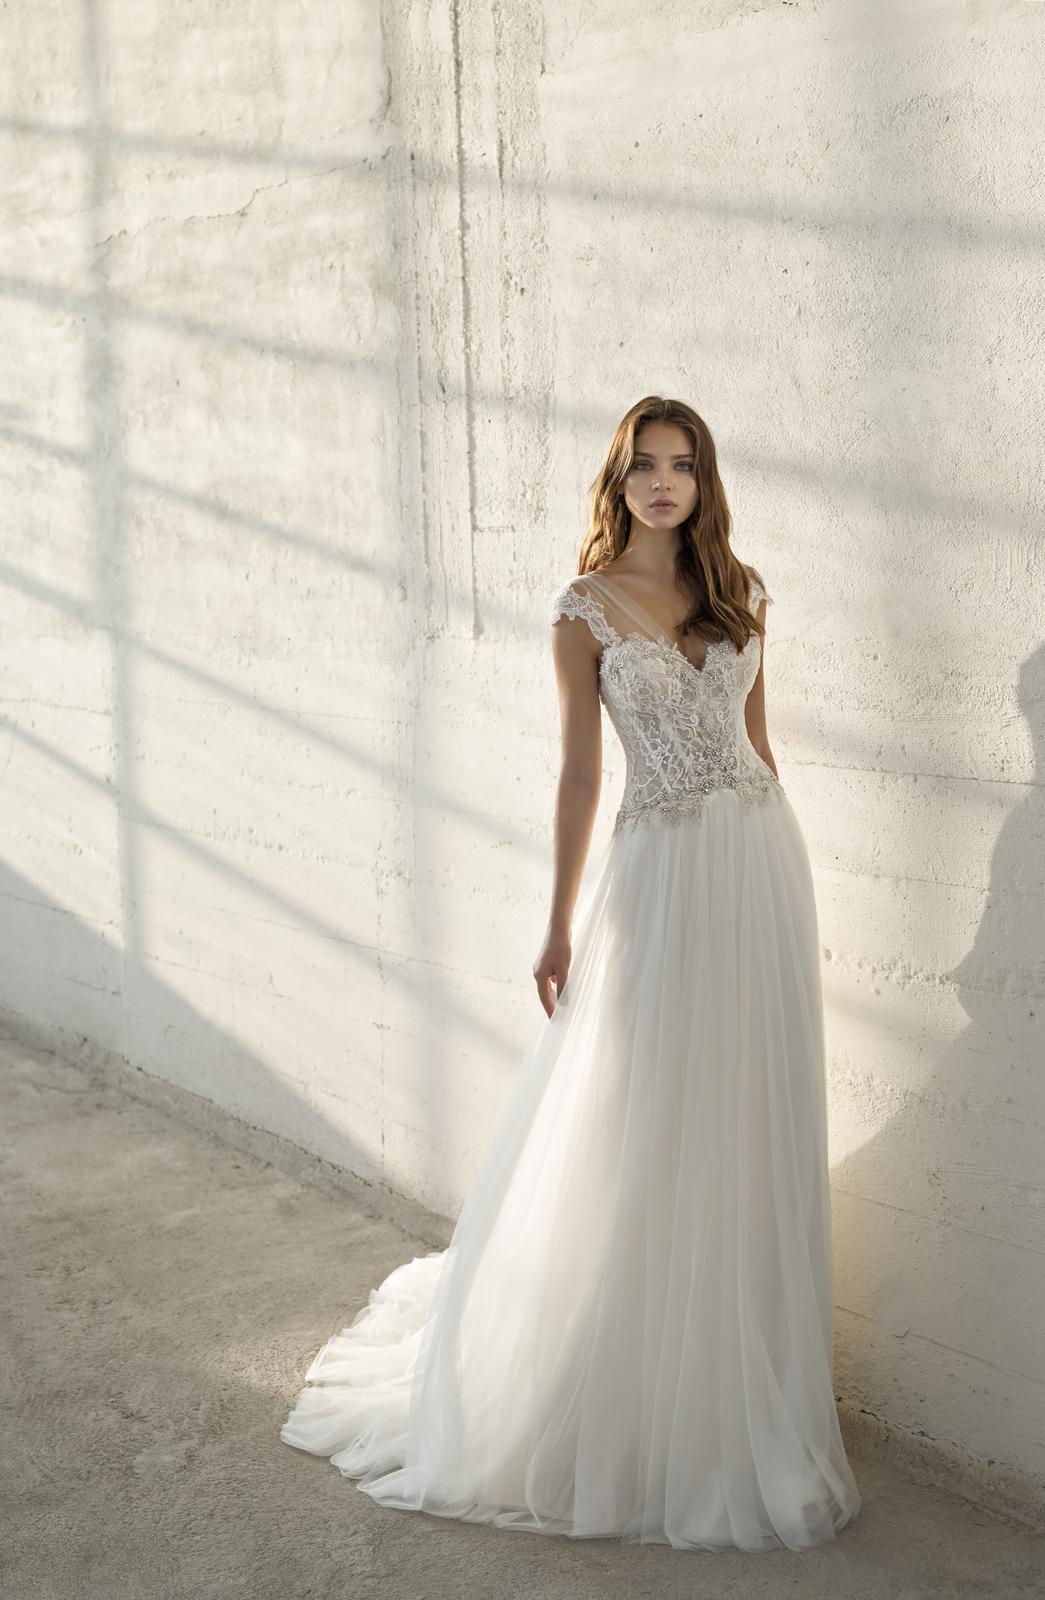 Velký výprodej svatebních šatů! - Model Ella  použité pouze na focení katalogu. Kolekce 2019!!! Cena 12 300,-. Velikost 36.